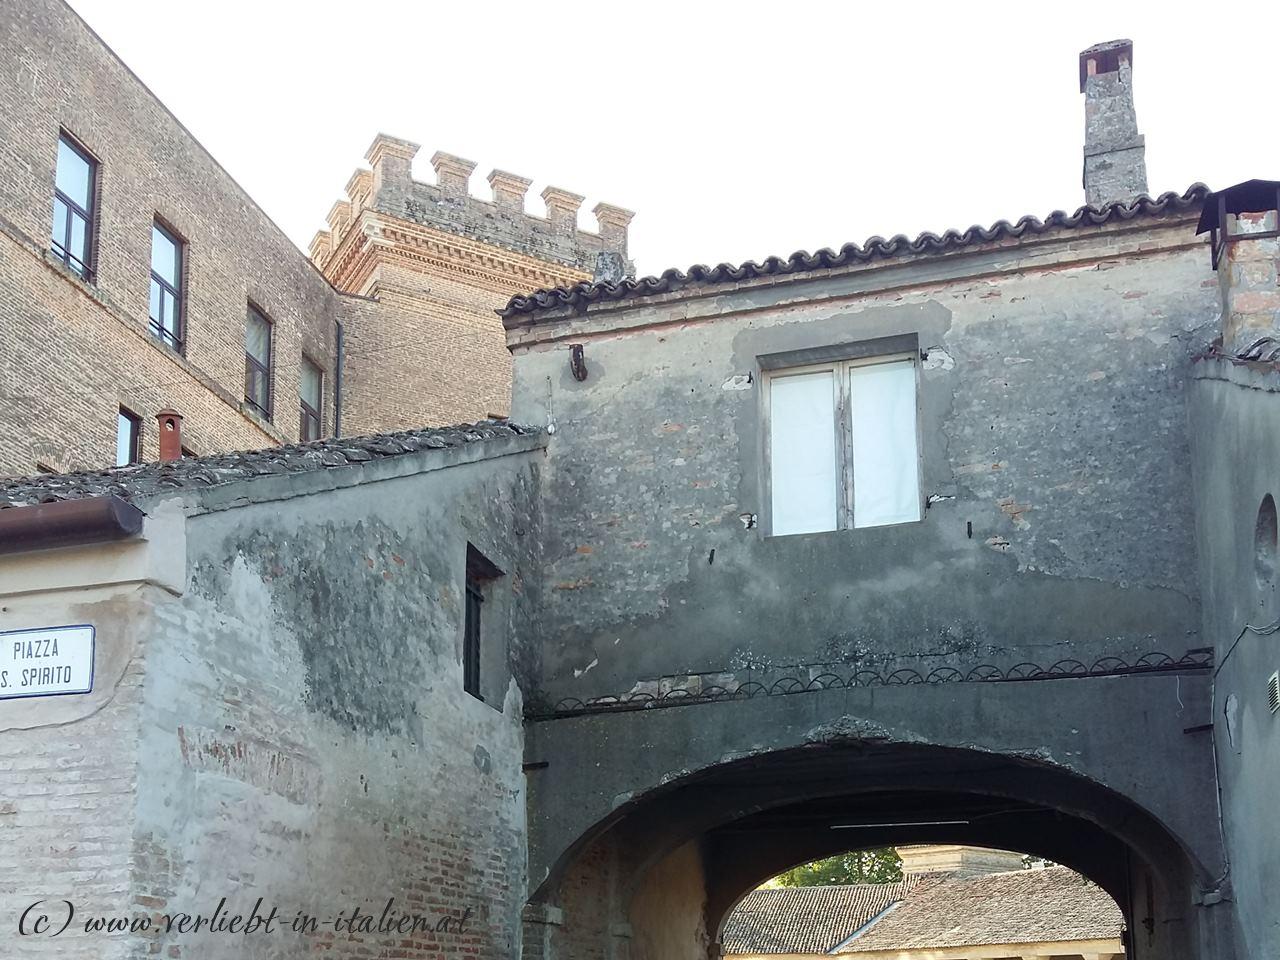 Piazza S. Spirito - Mesola